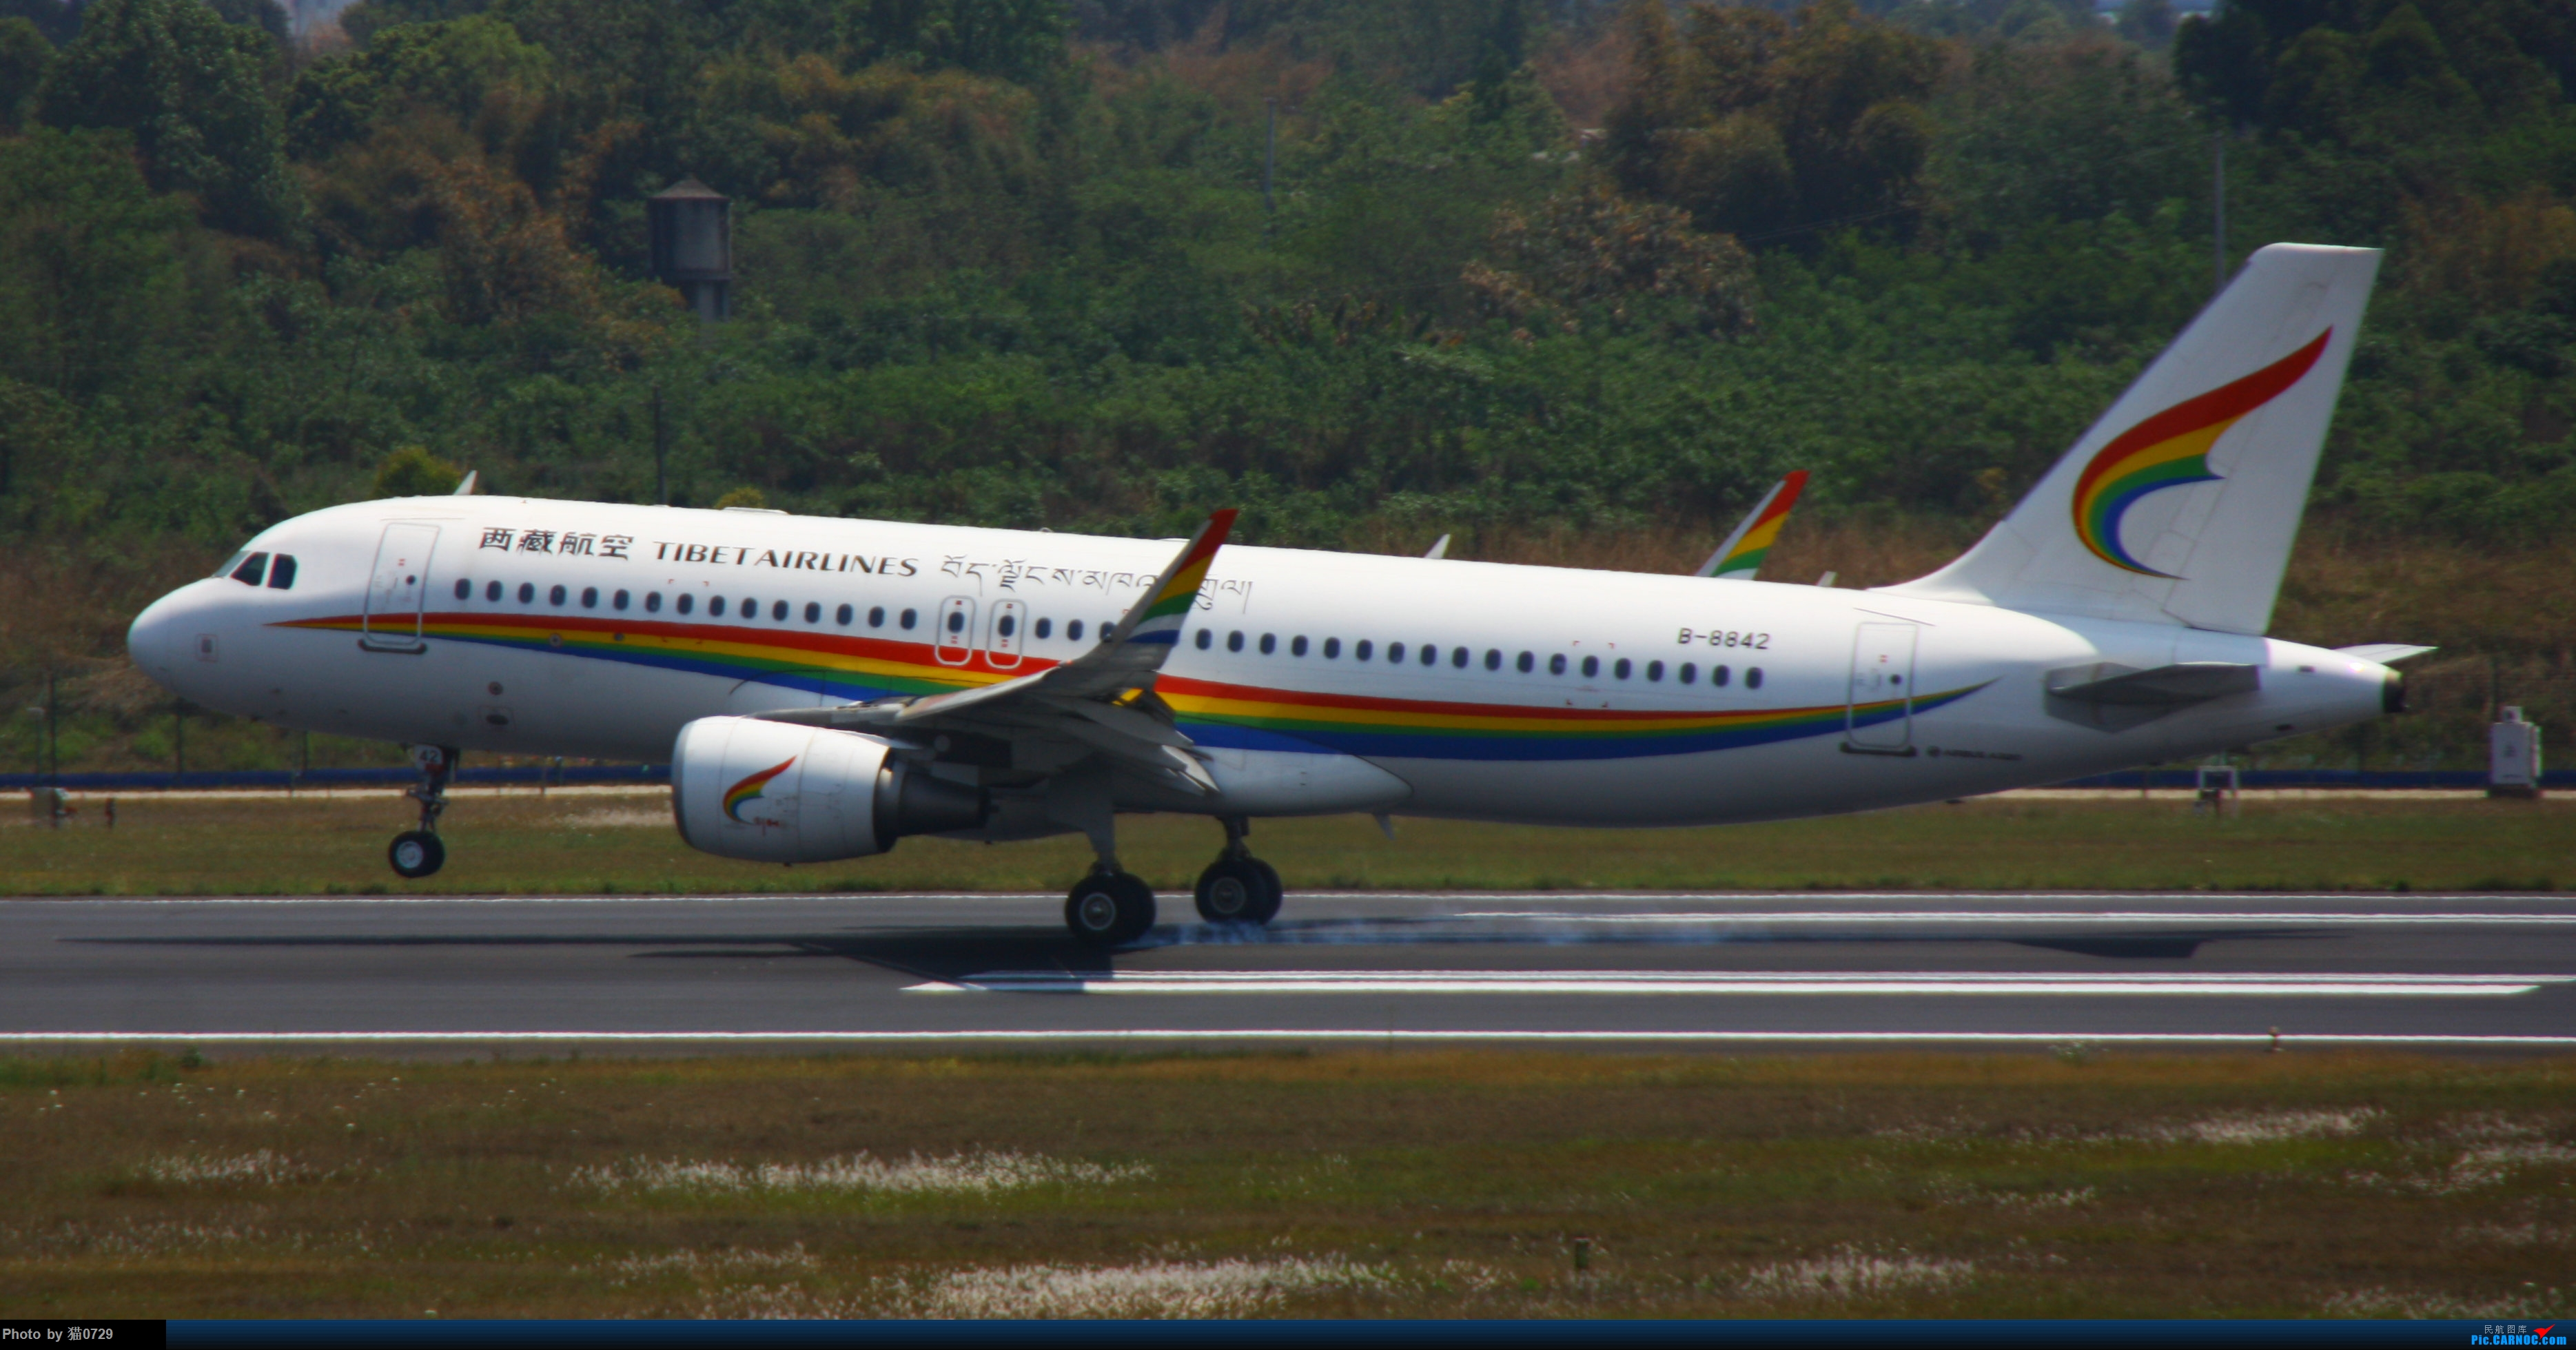 Re:[原创]跑道洞两右,气温三拐,六点五小时坚守双流 AIRBUS A320-200 B-8842 中国成都双流国际机场